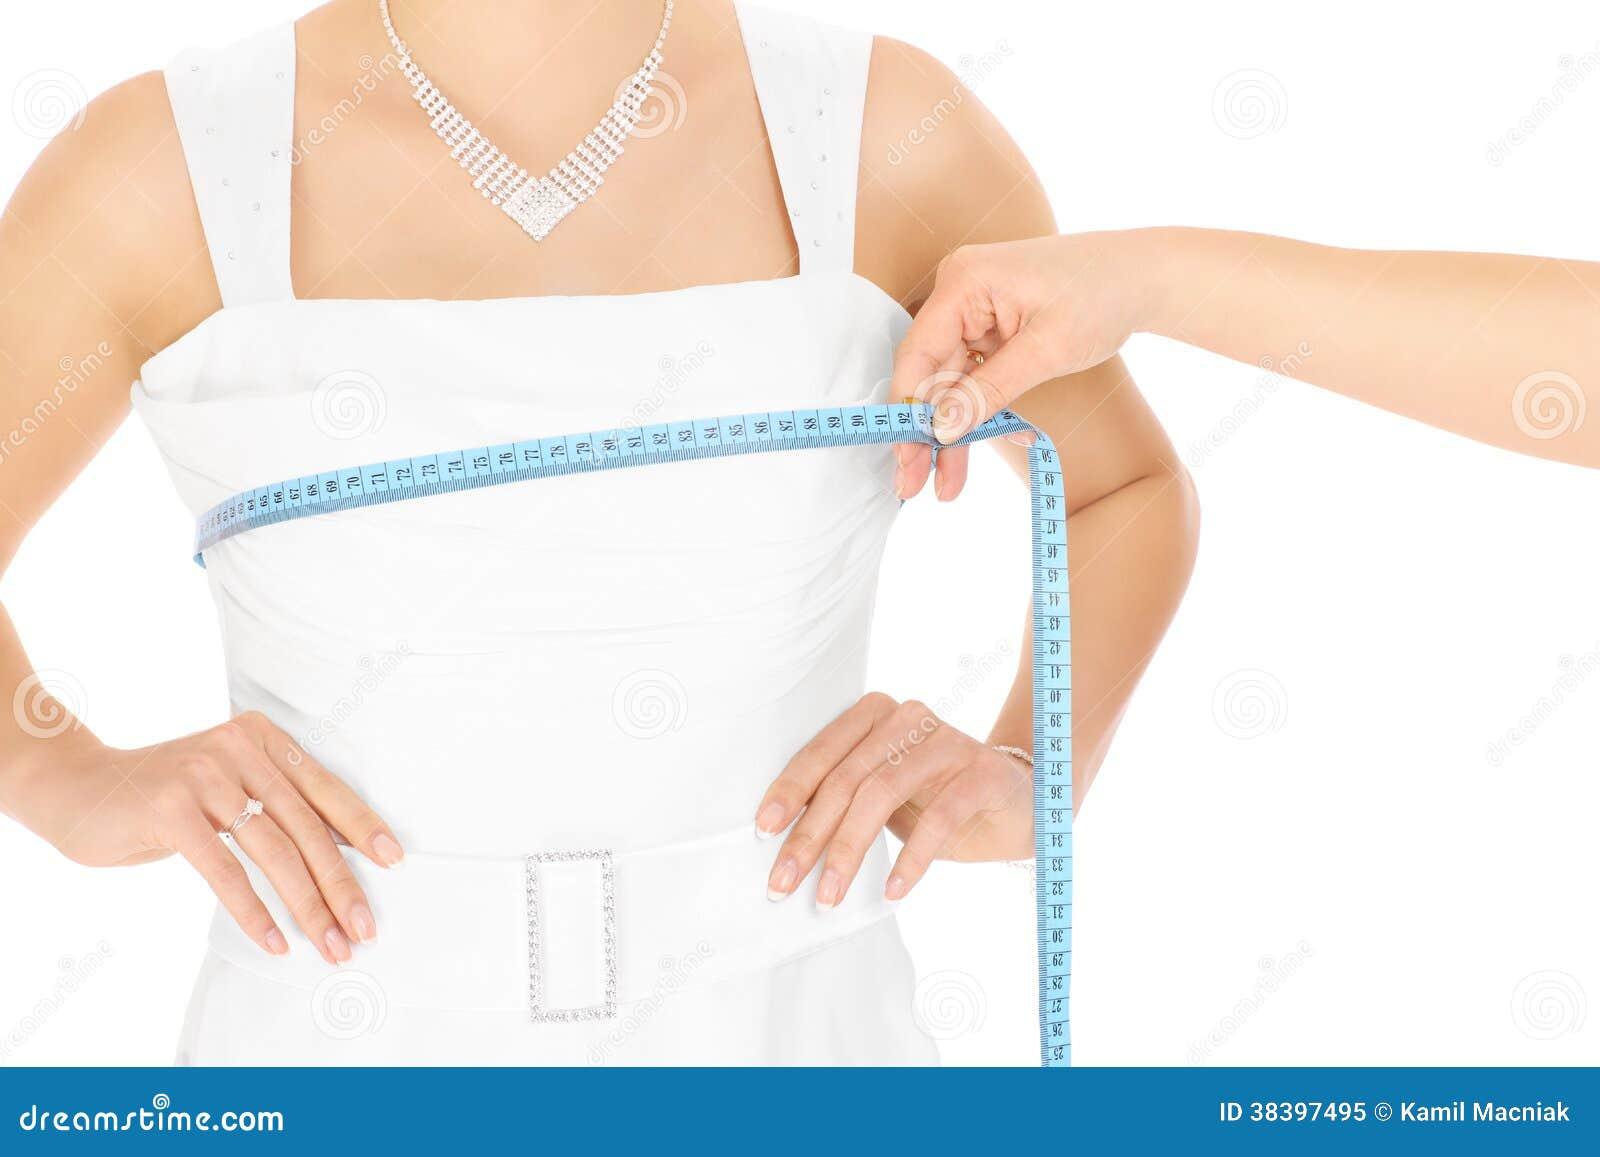 Medida do vestido de casamento